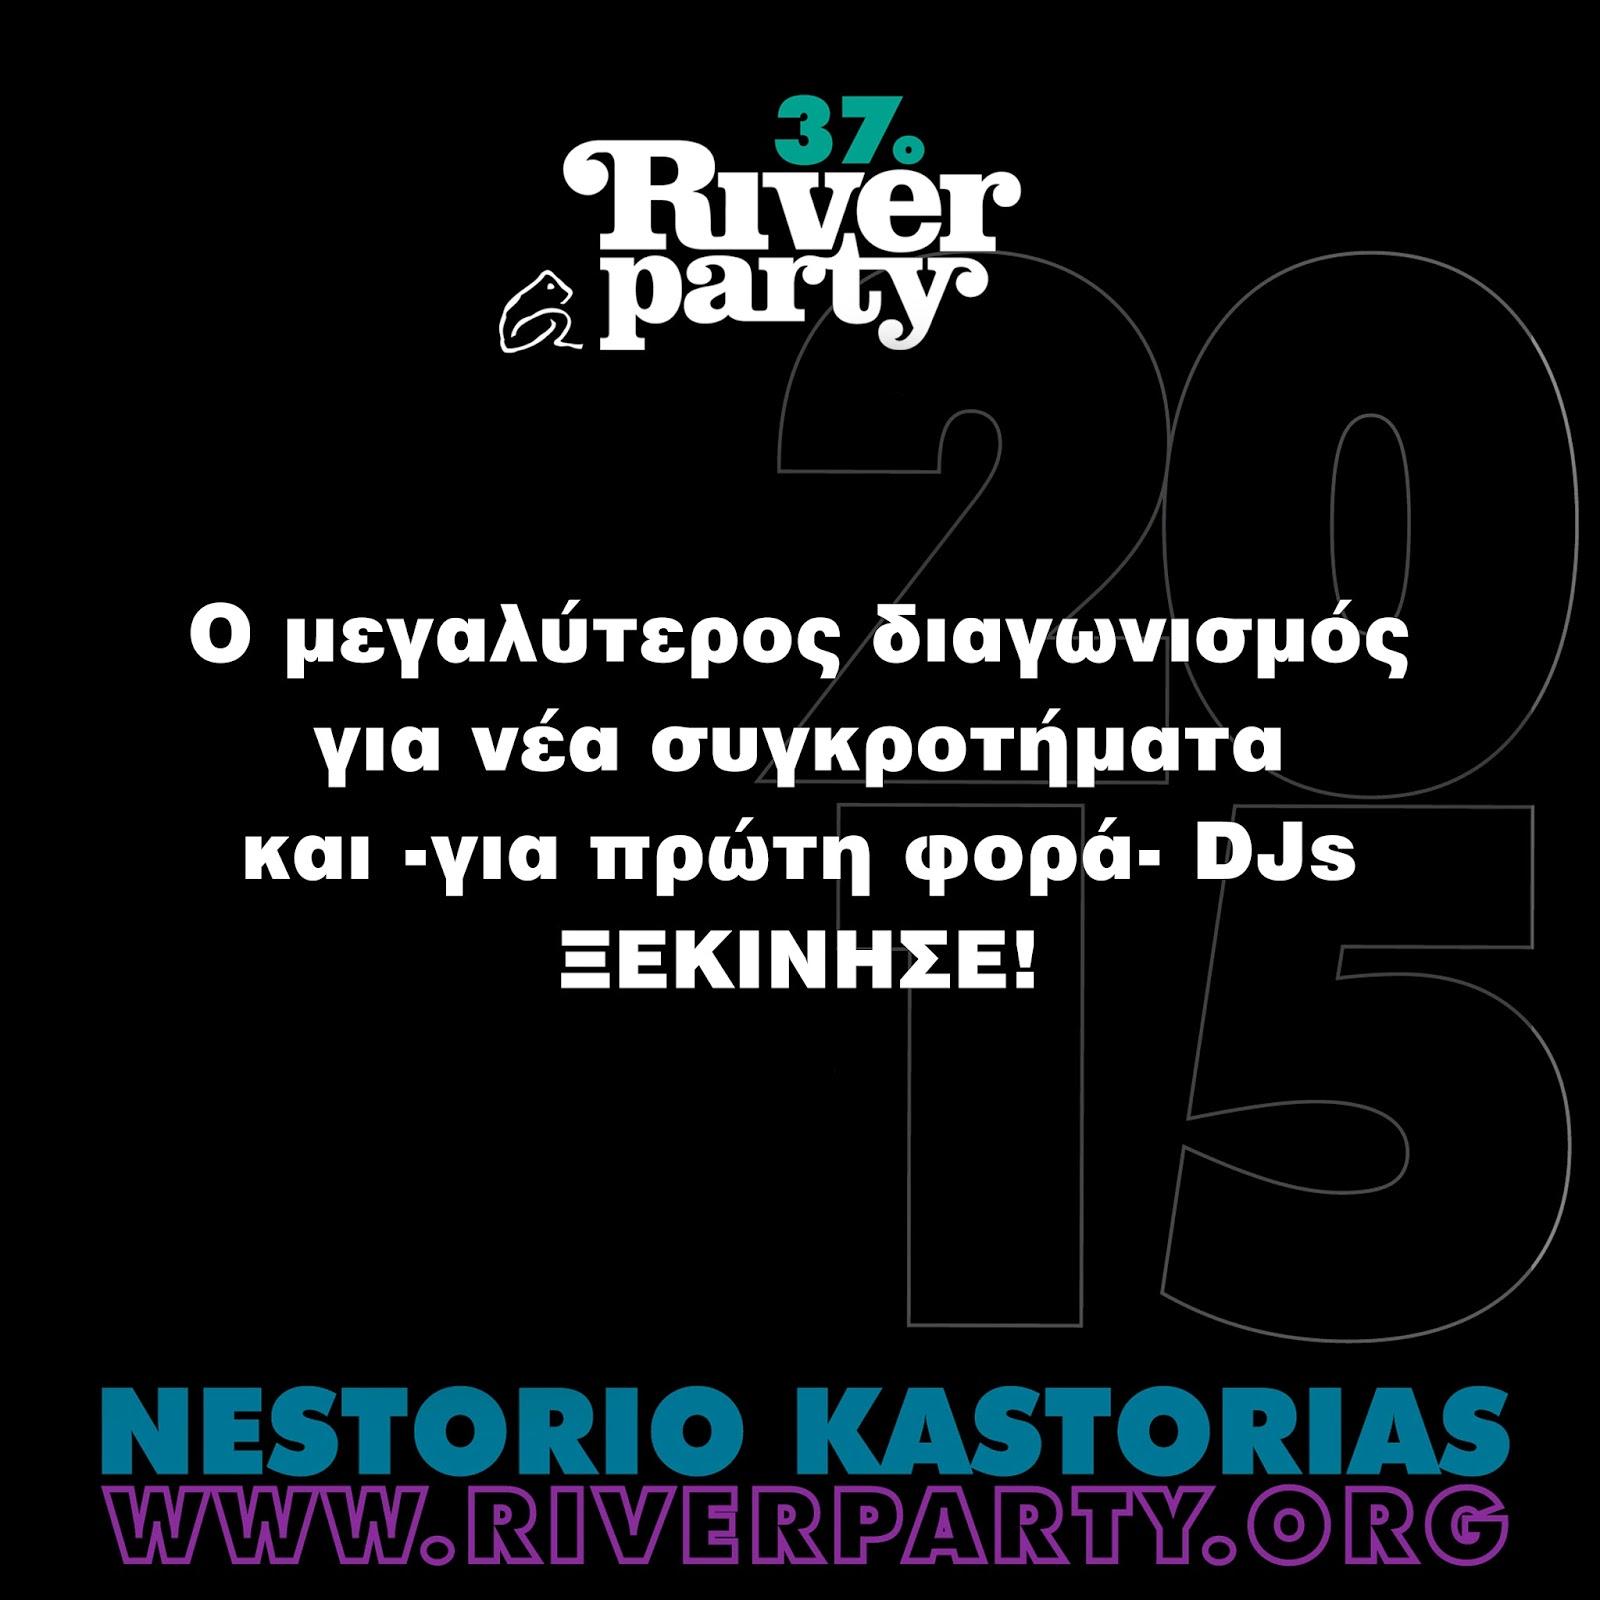 37ο River Party: Φέτος διαγωνισμός νεανικών συγκροτημάτων αλλά και DJs